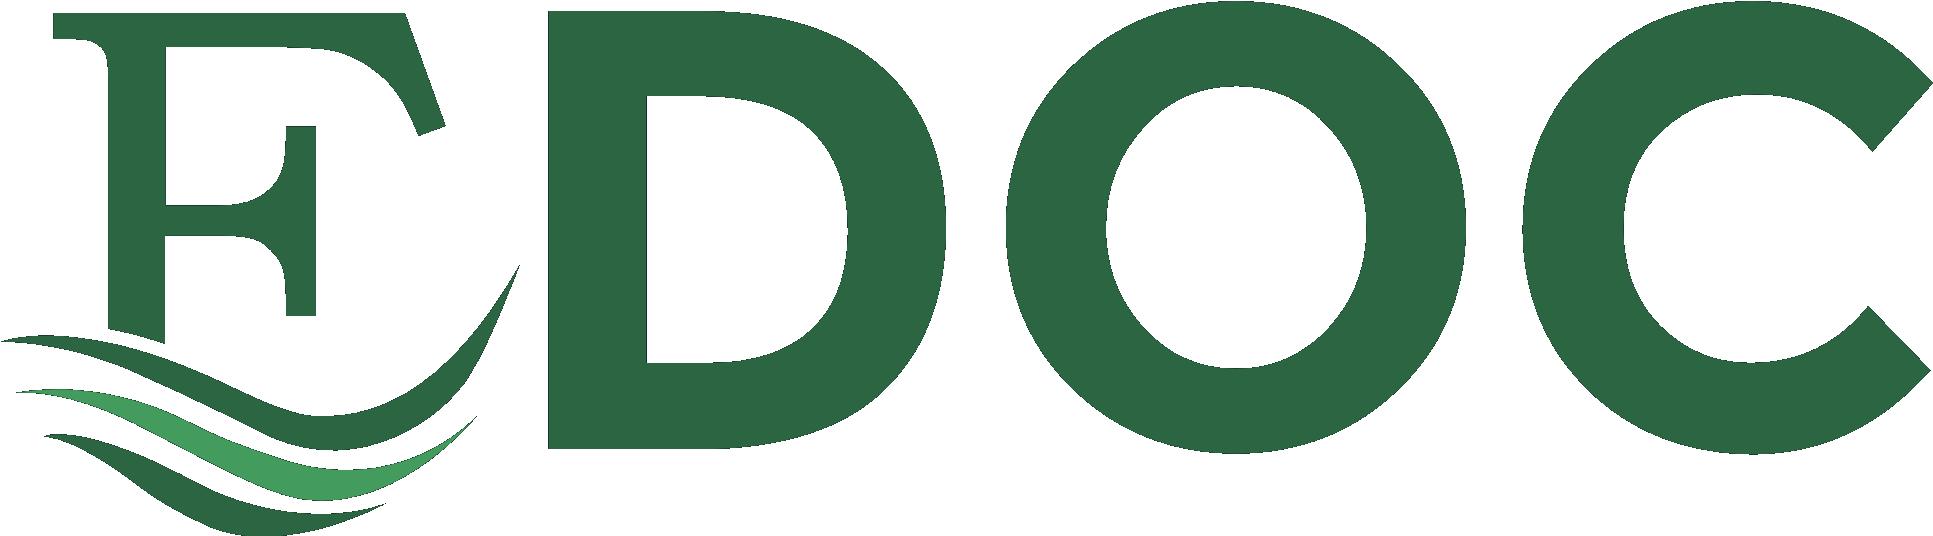 rossz látási diagnózisok